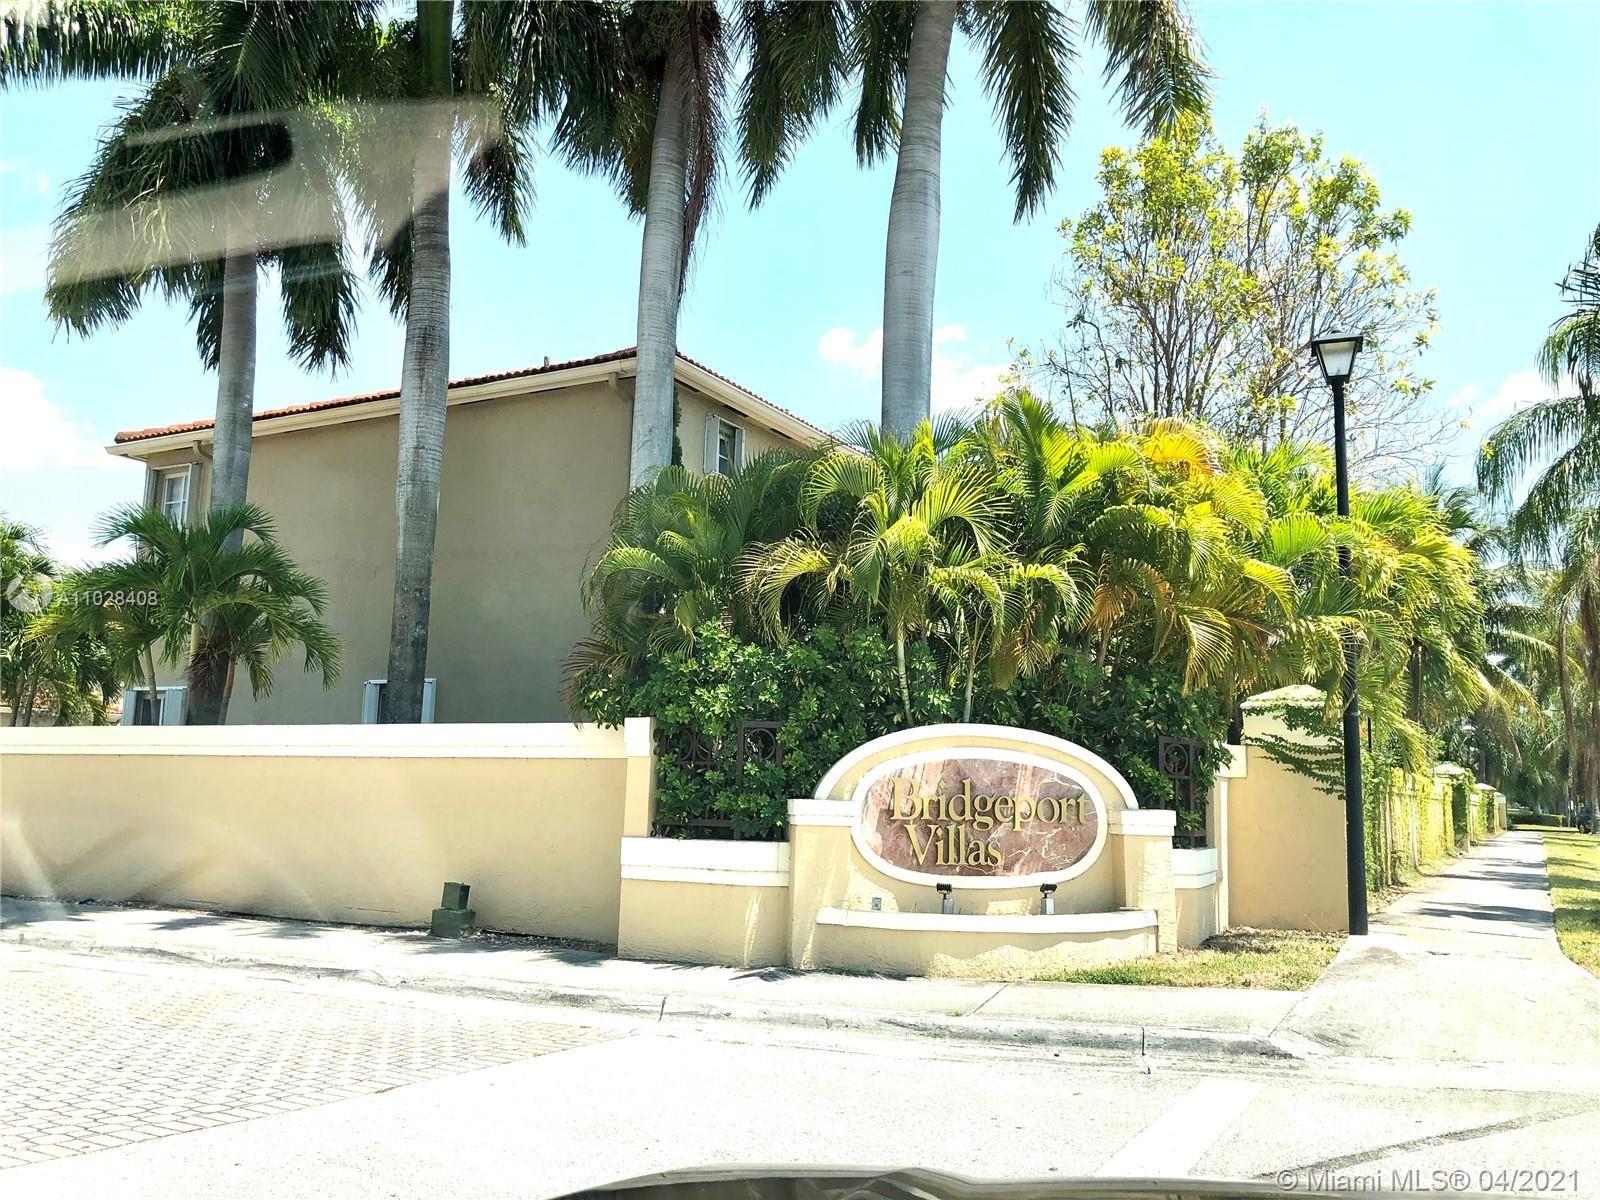 14201 SW 126th Pl, Miami, FL 33186 - #: A11028408